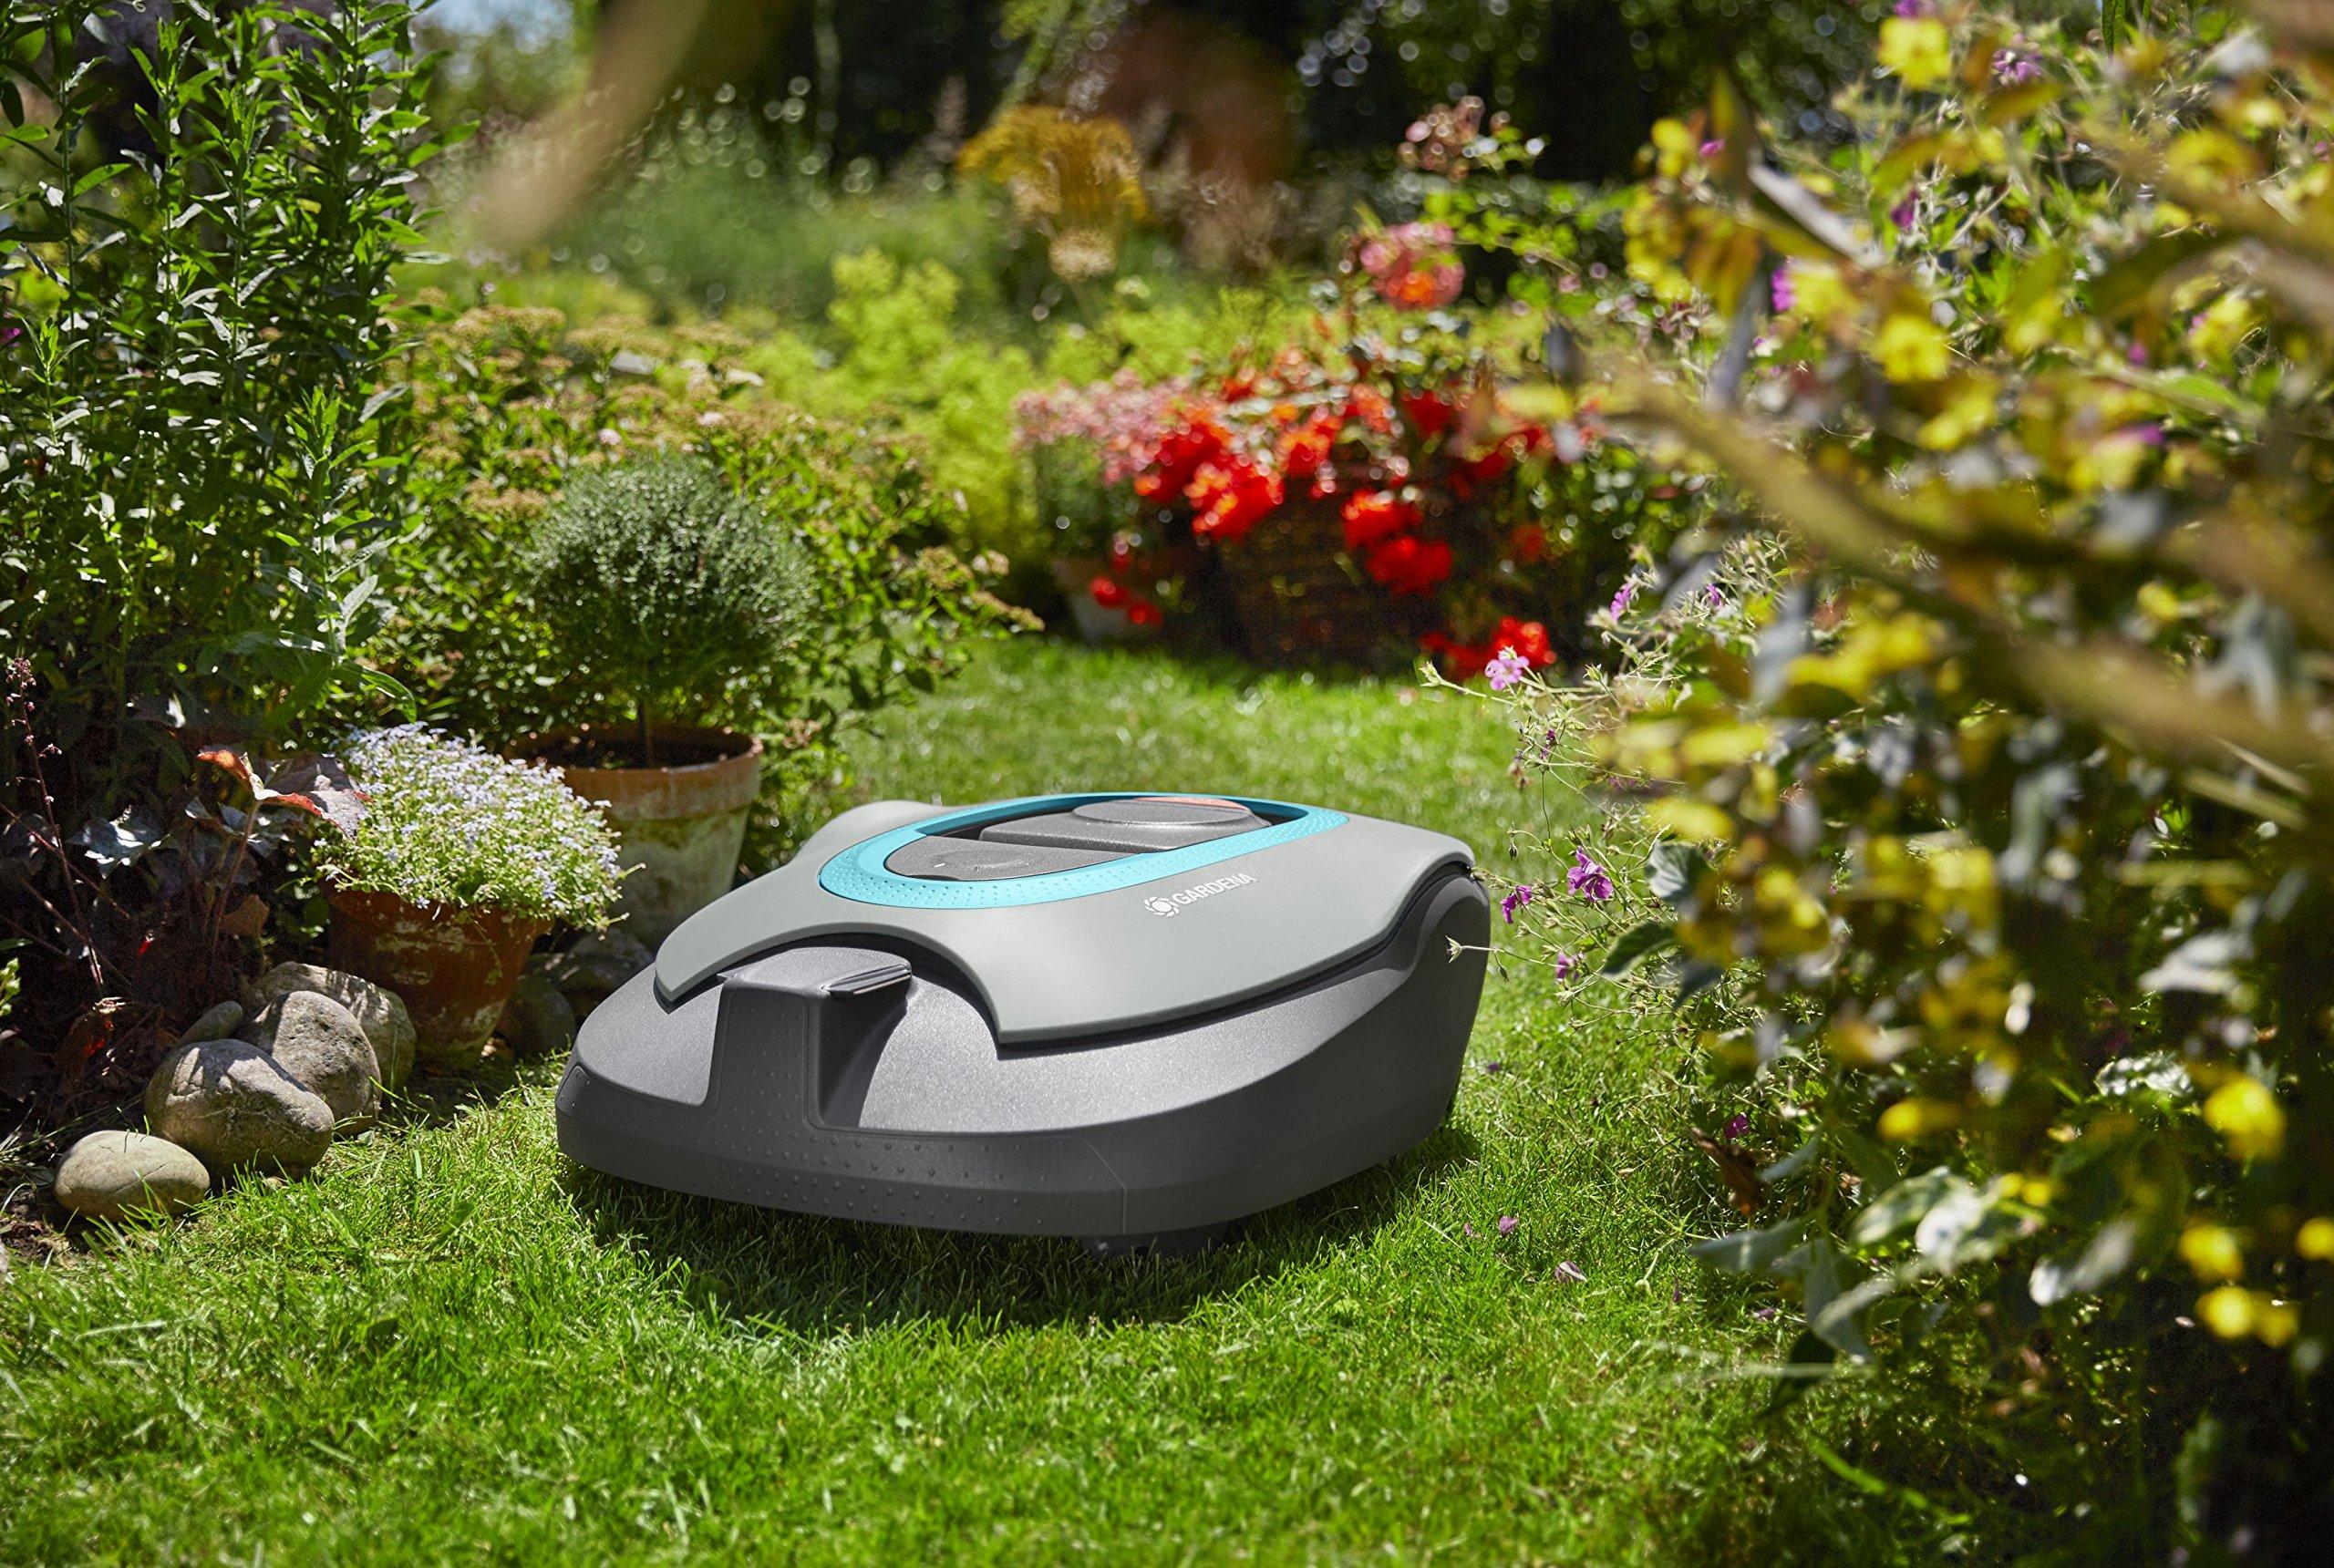 GARDENA-SILENO-Mhroboter-Rasenmher-Roboter-fr-1300-m-Rasenflche-Steigungen-bis-35-Silent-Drive-Motor-bei-Regen-einsetzbar-SensorCut-und-SensorControl-System-4054-60